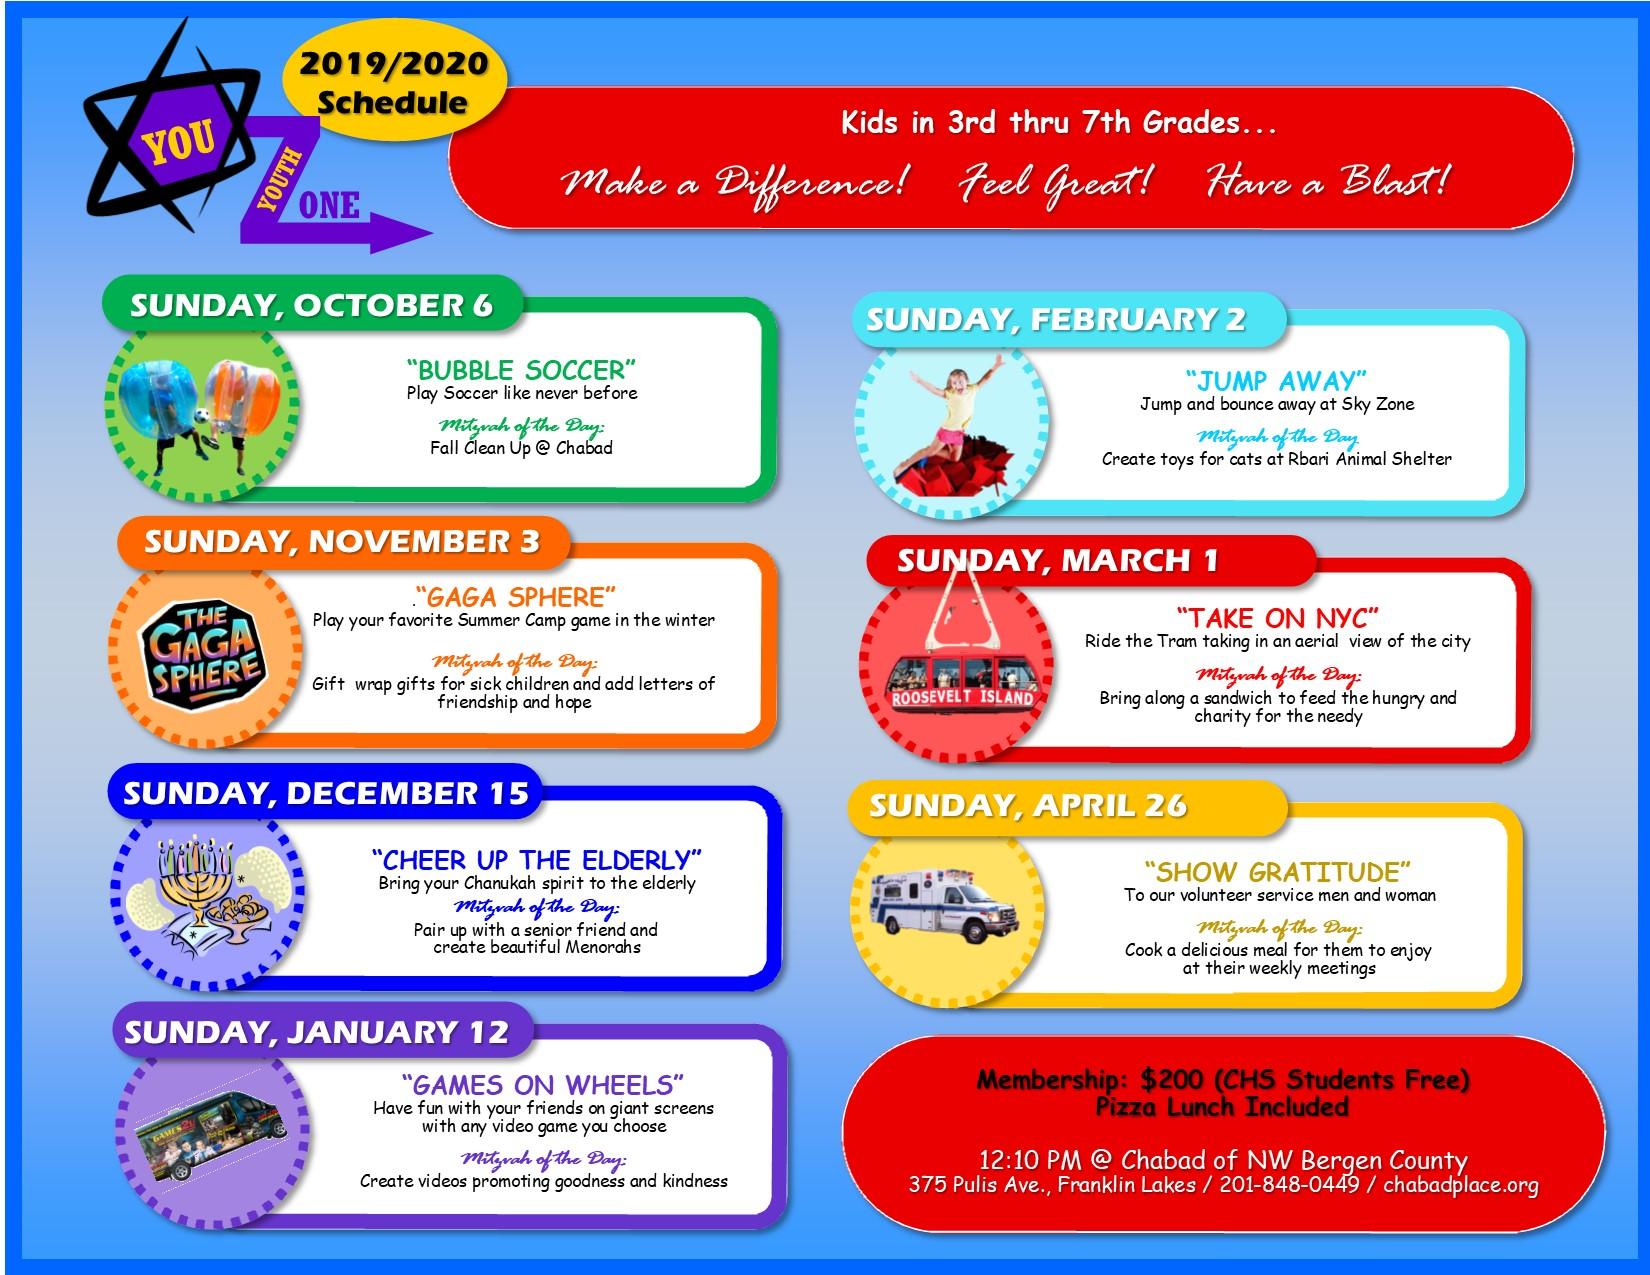 schedule 19-20.jpg